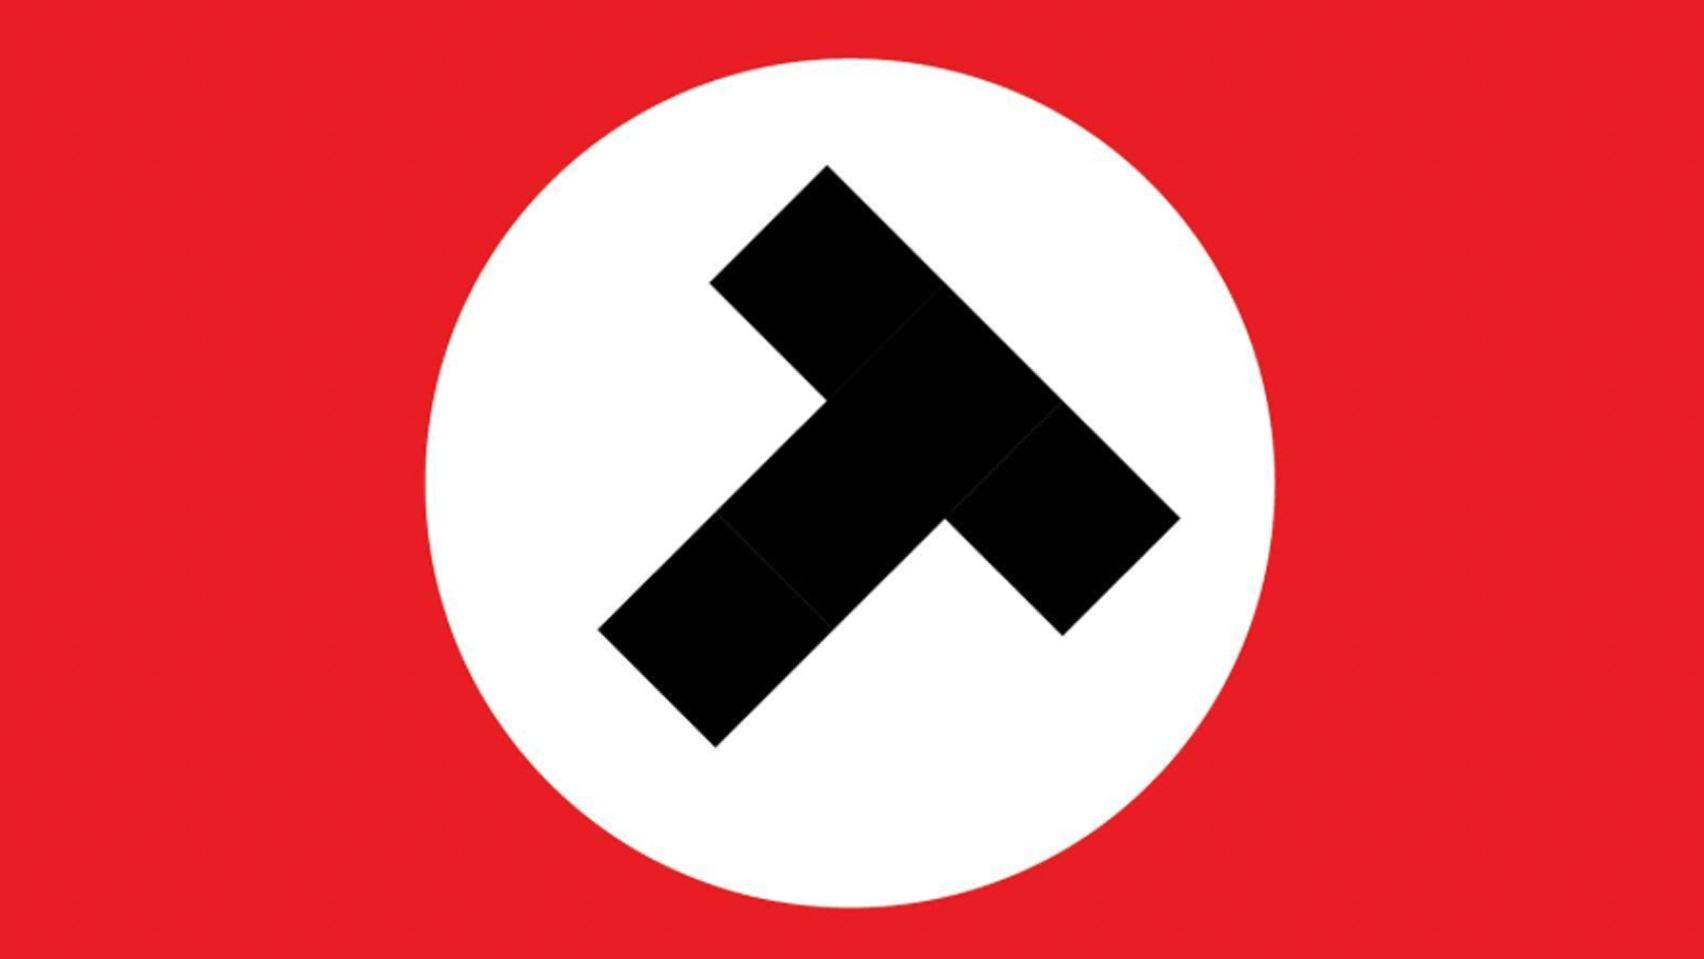 logo para Donald Trump inspirado en la bandera Nazi